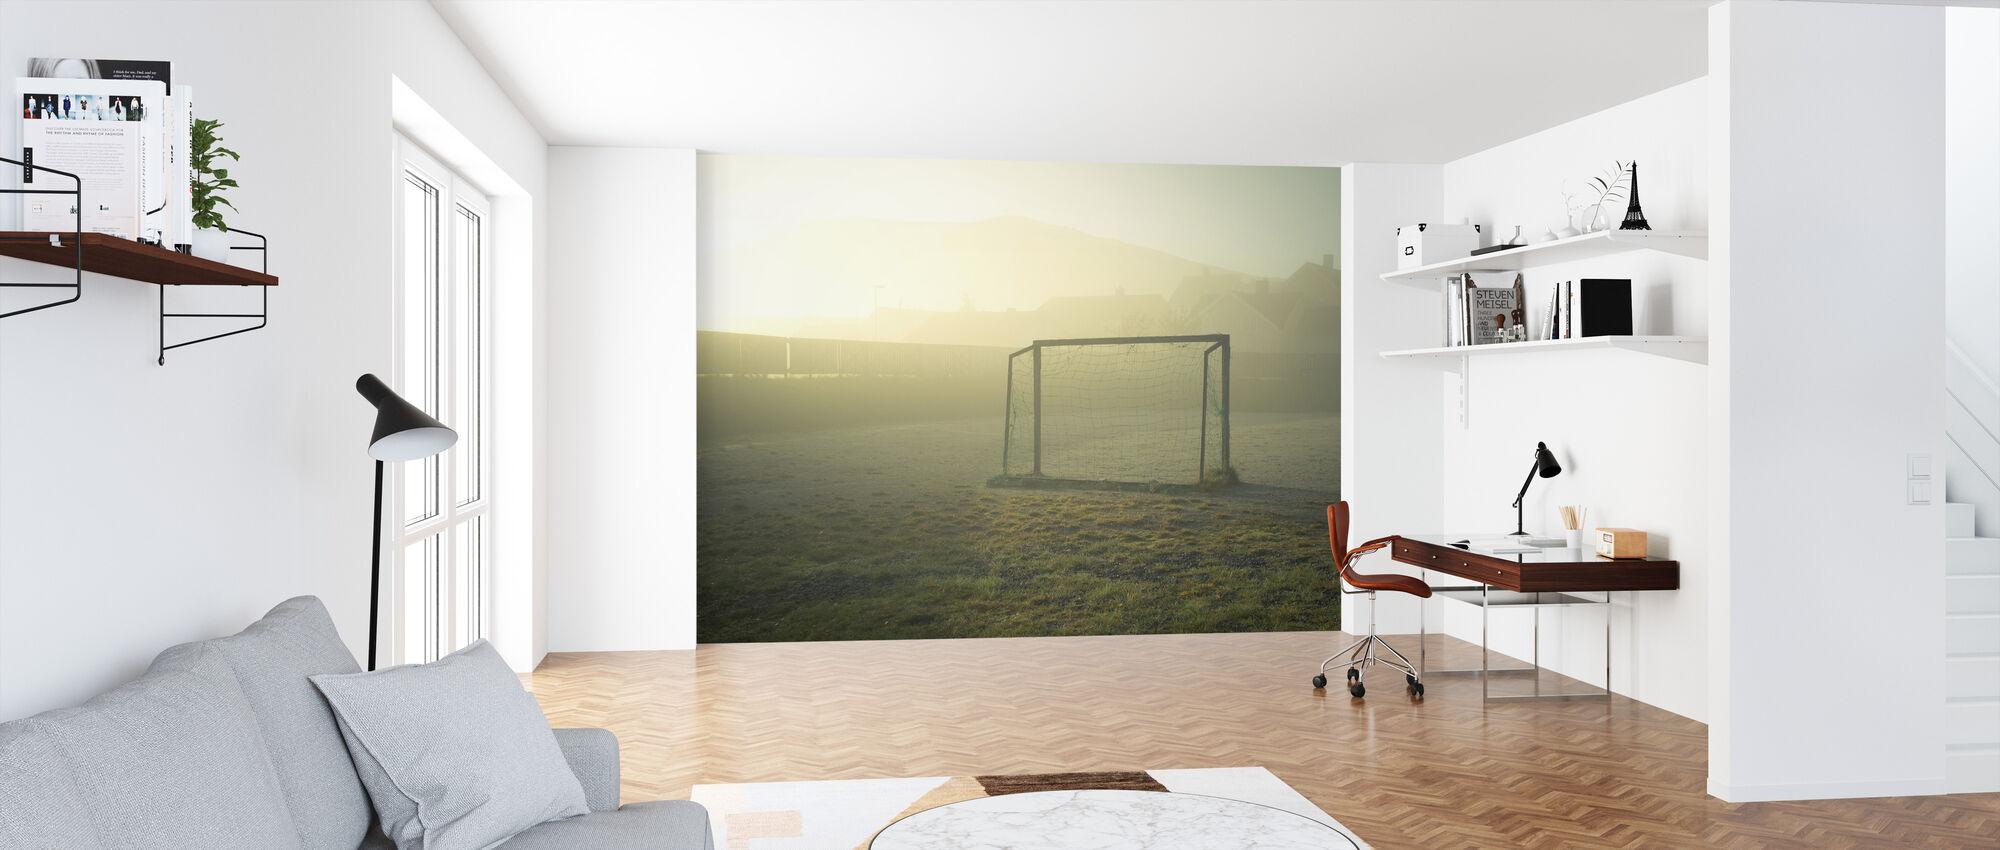 Fußballplatz im Sonnenlicht - Tapete - Büro